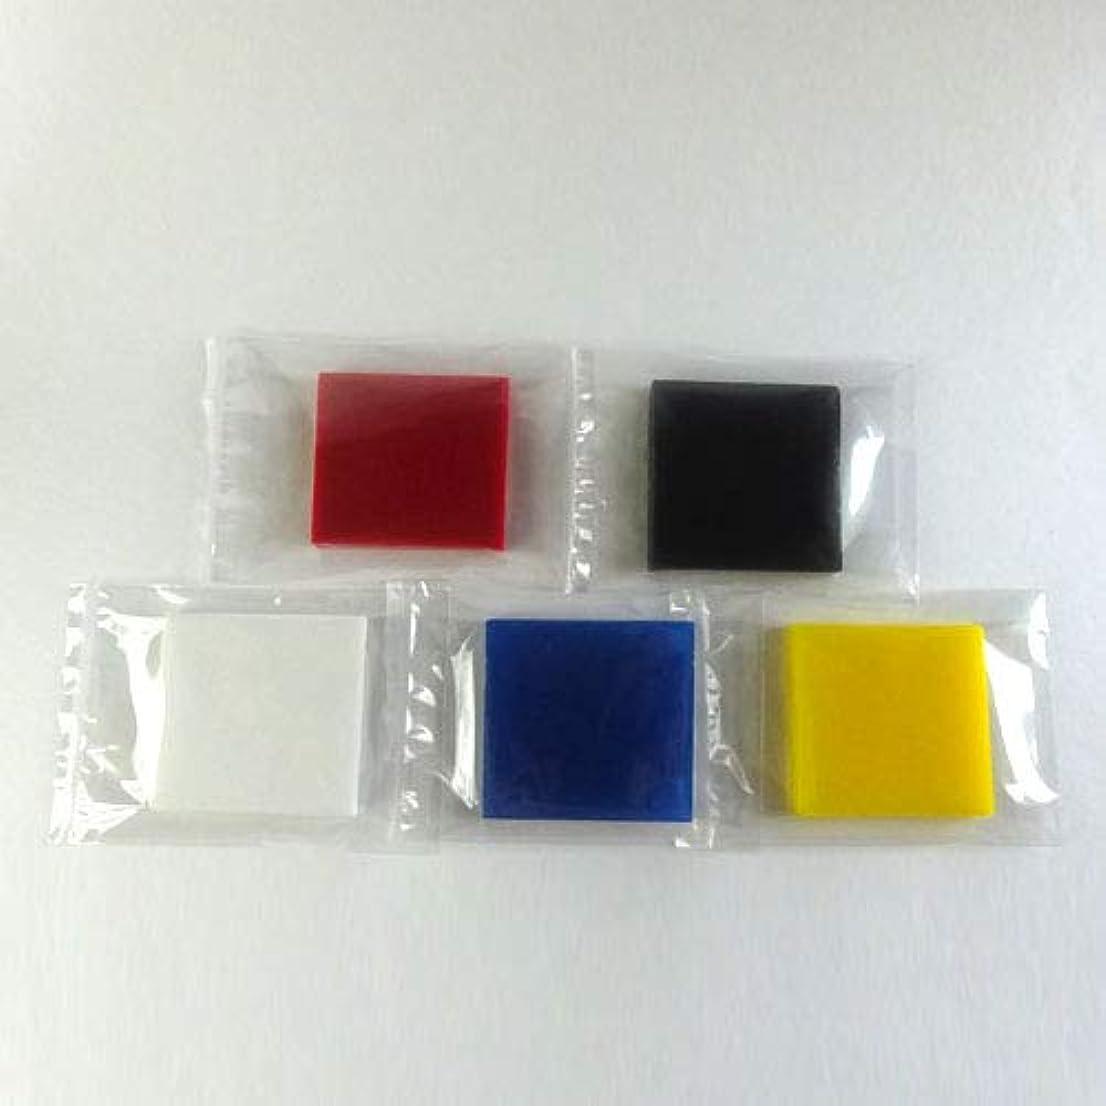 超越する嫌なクリエイティブグリセリンソープ MPソープ 色チップ 5色(赤・青・黄・白・黒) 各30g